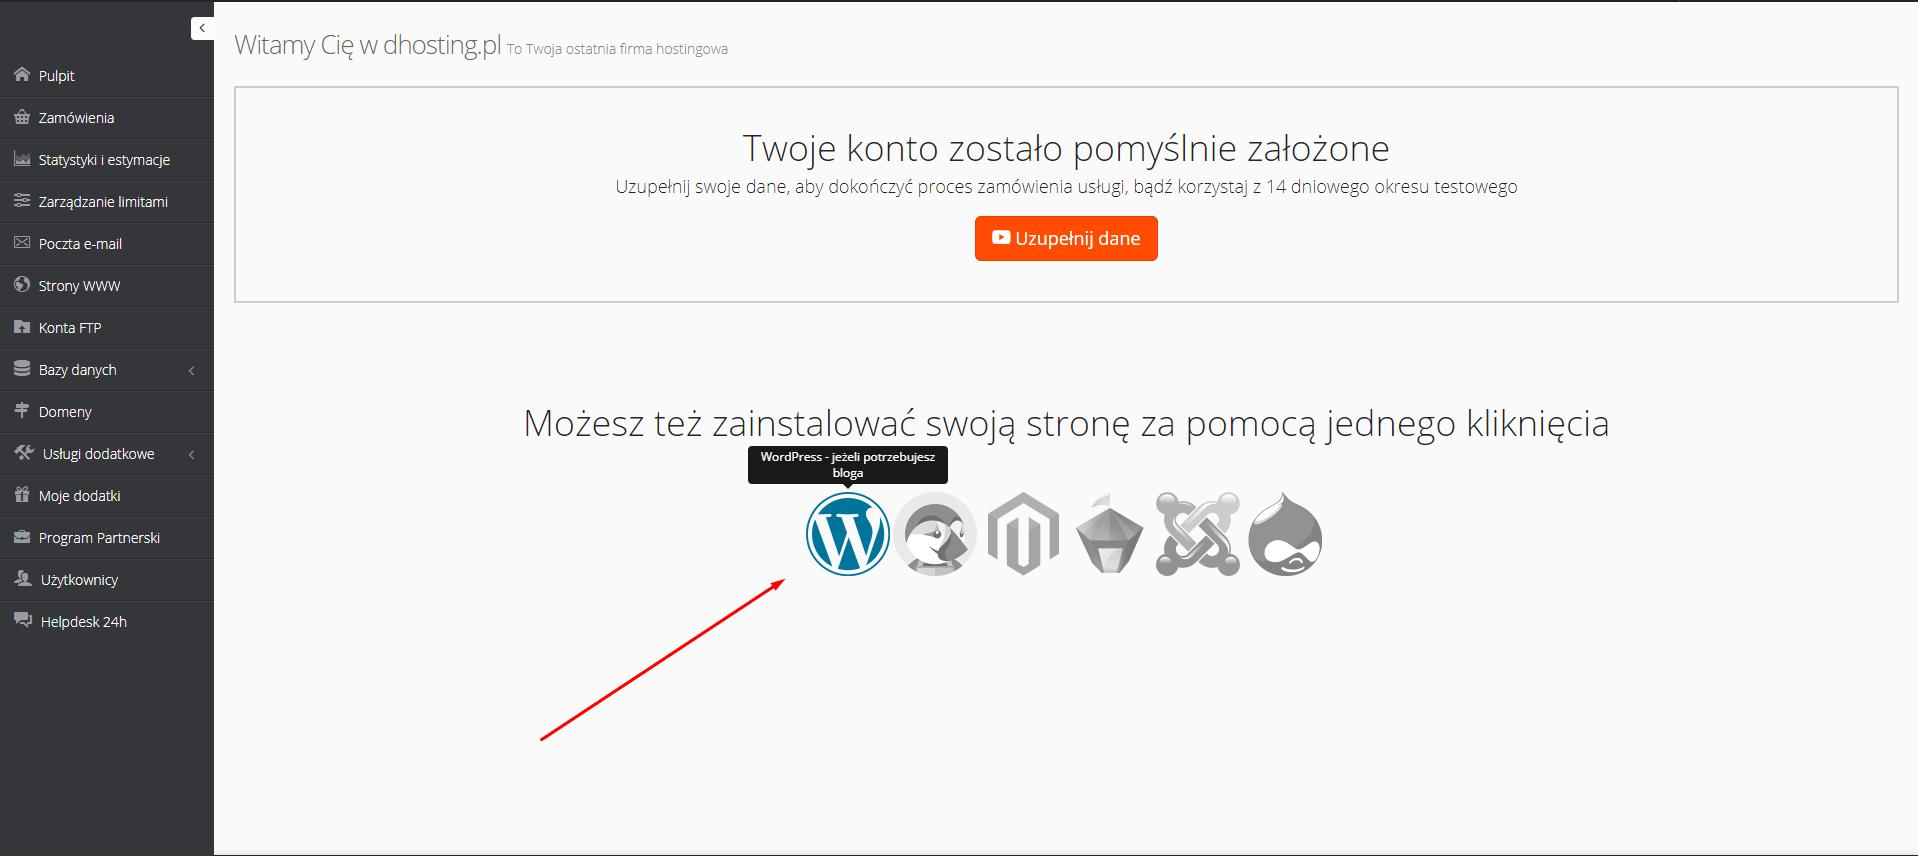 Jak zainstalować bloga na wordpressie